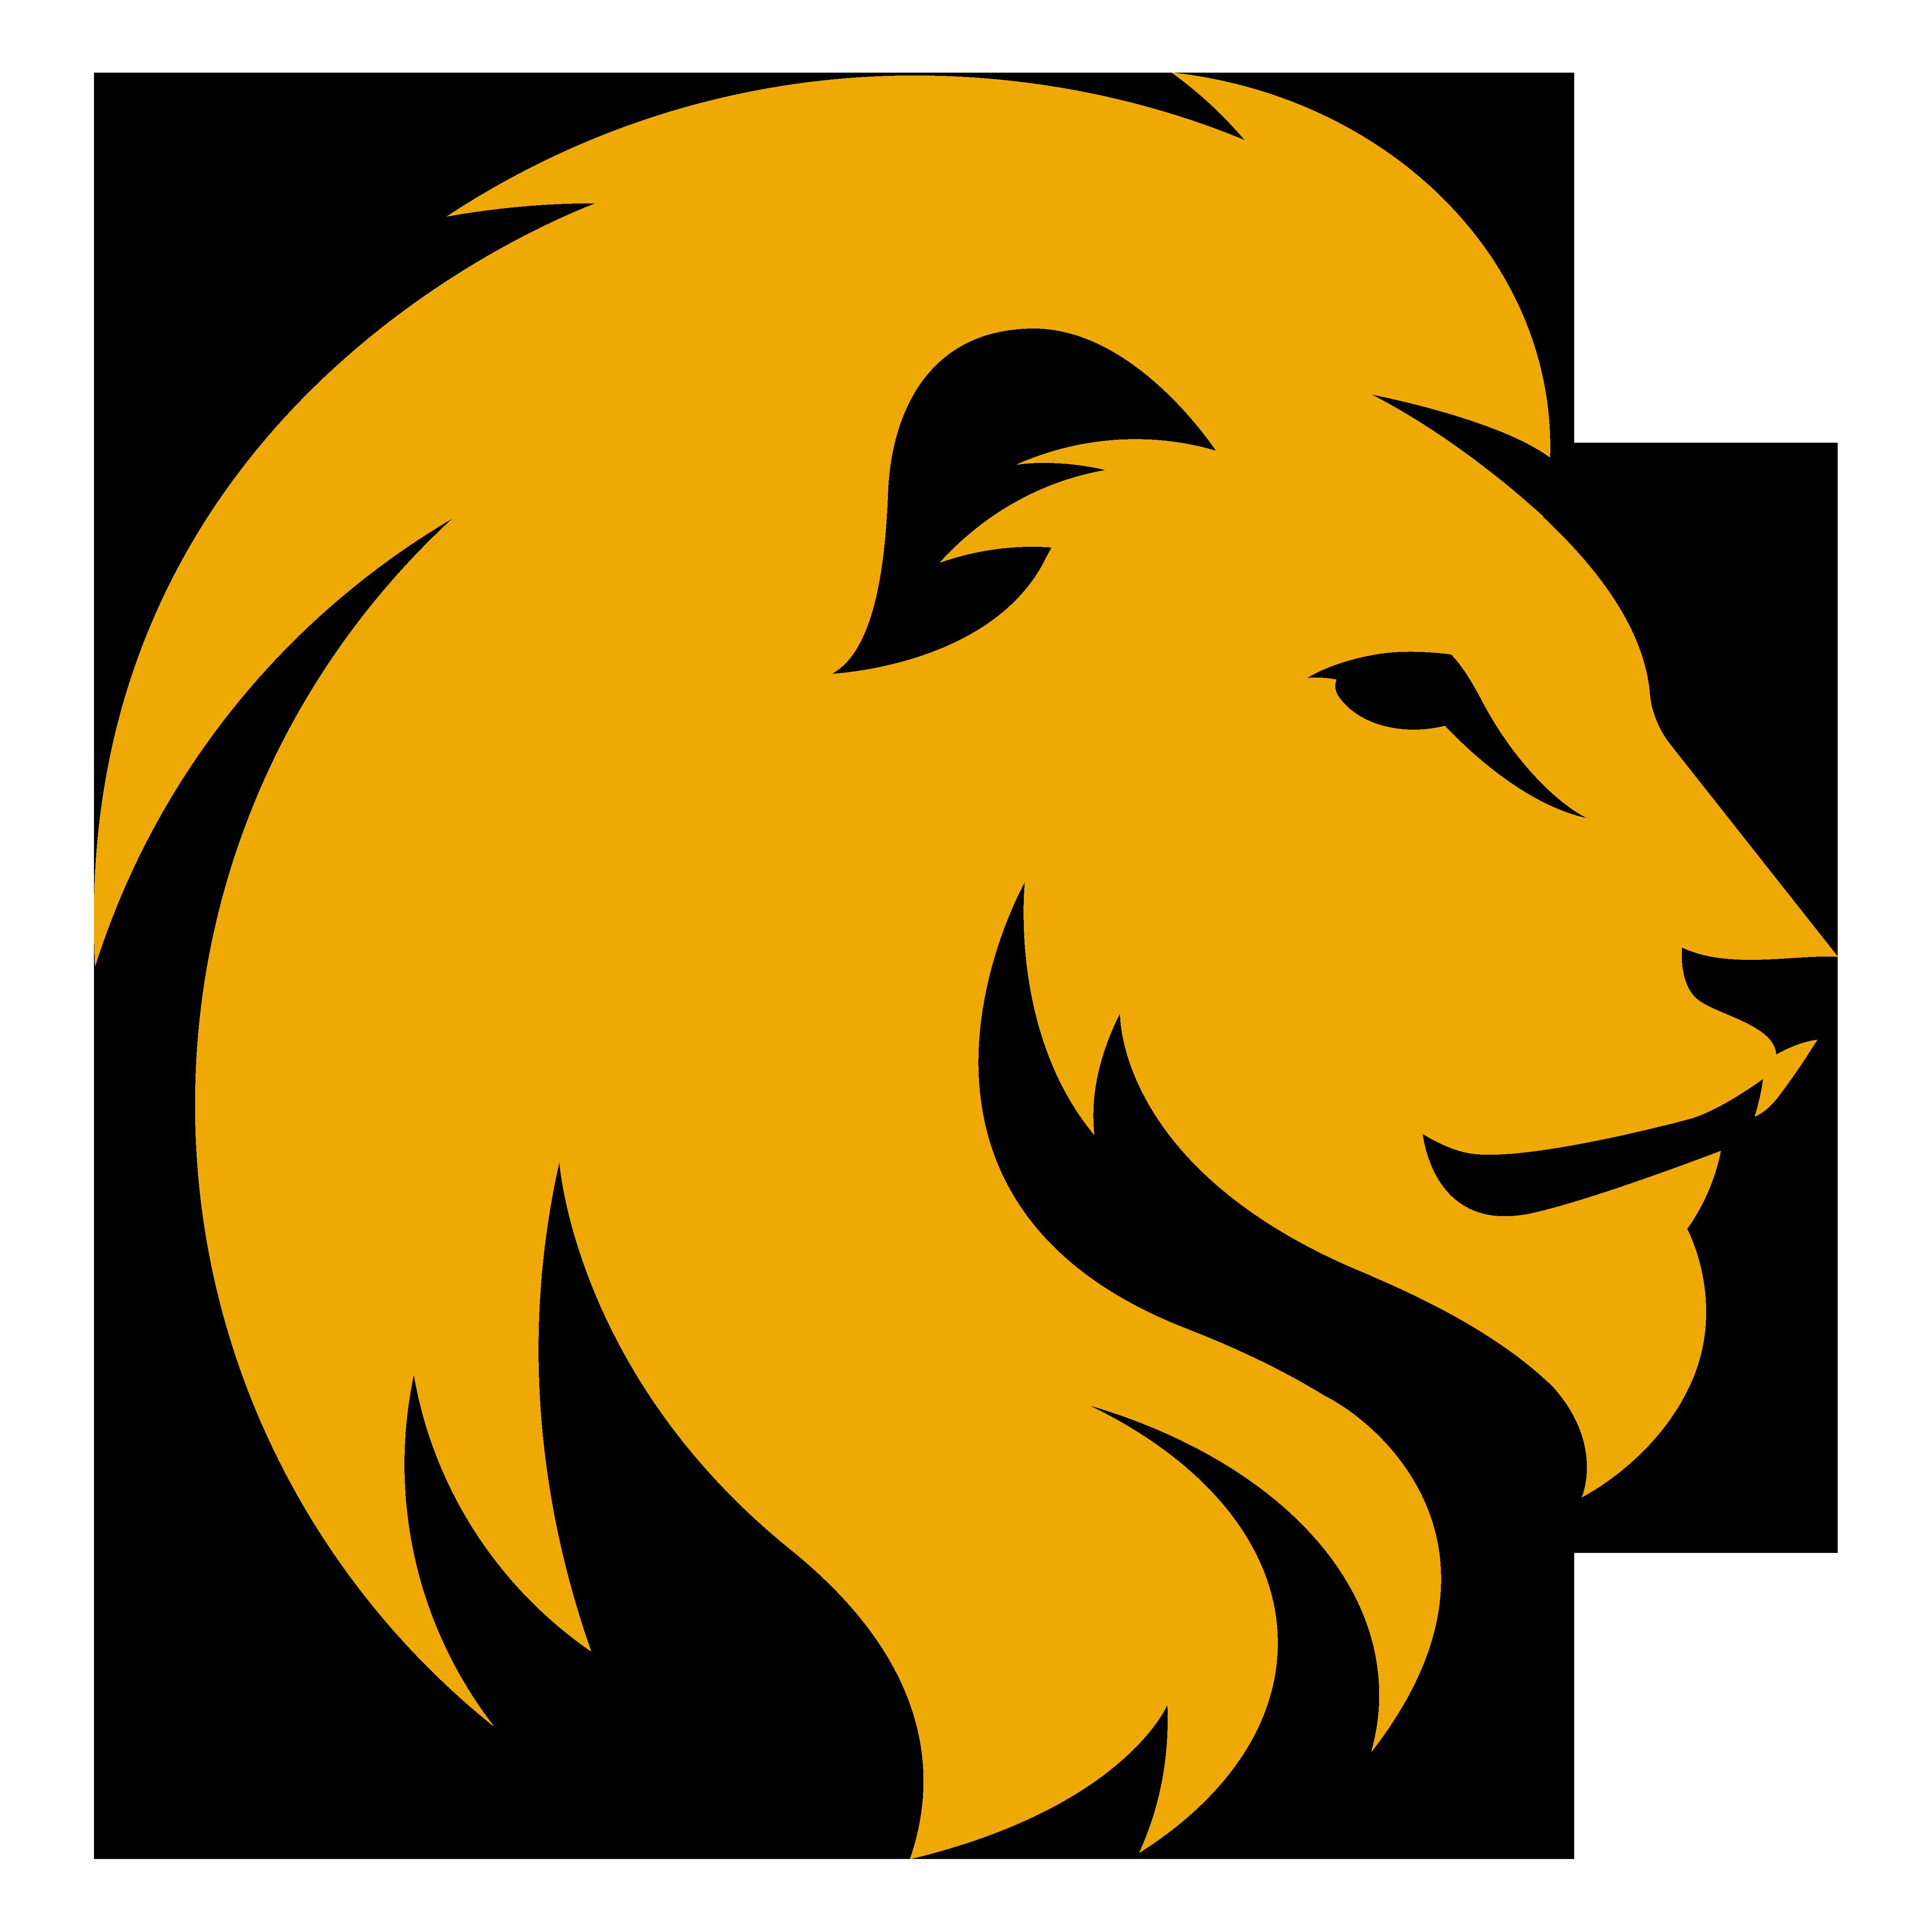 Lion Png Images Transparent Free Download Lion Lion Head Clip Art